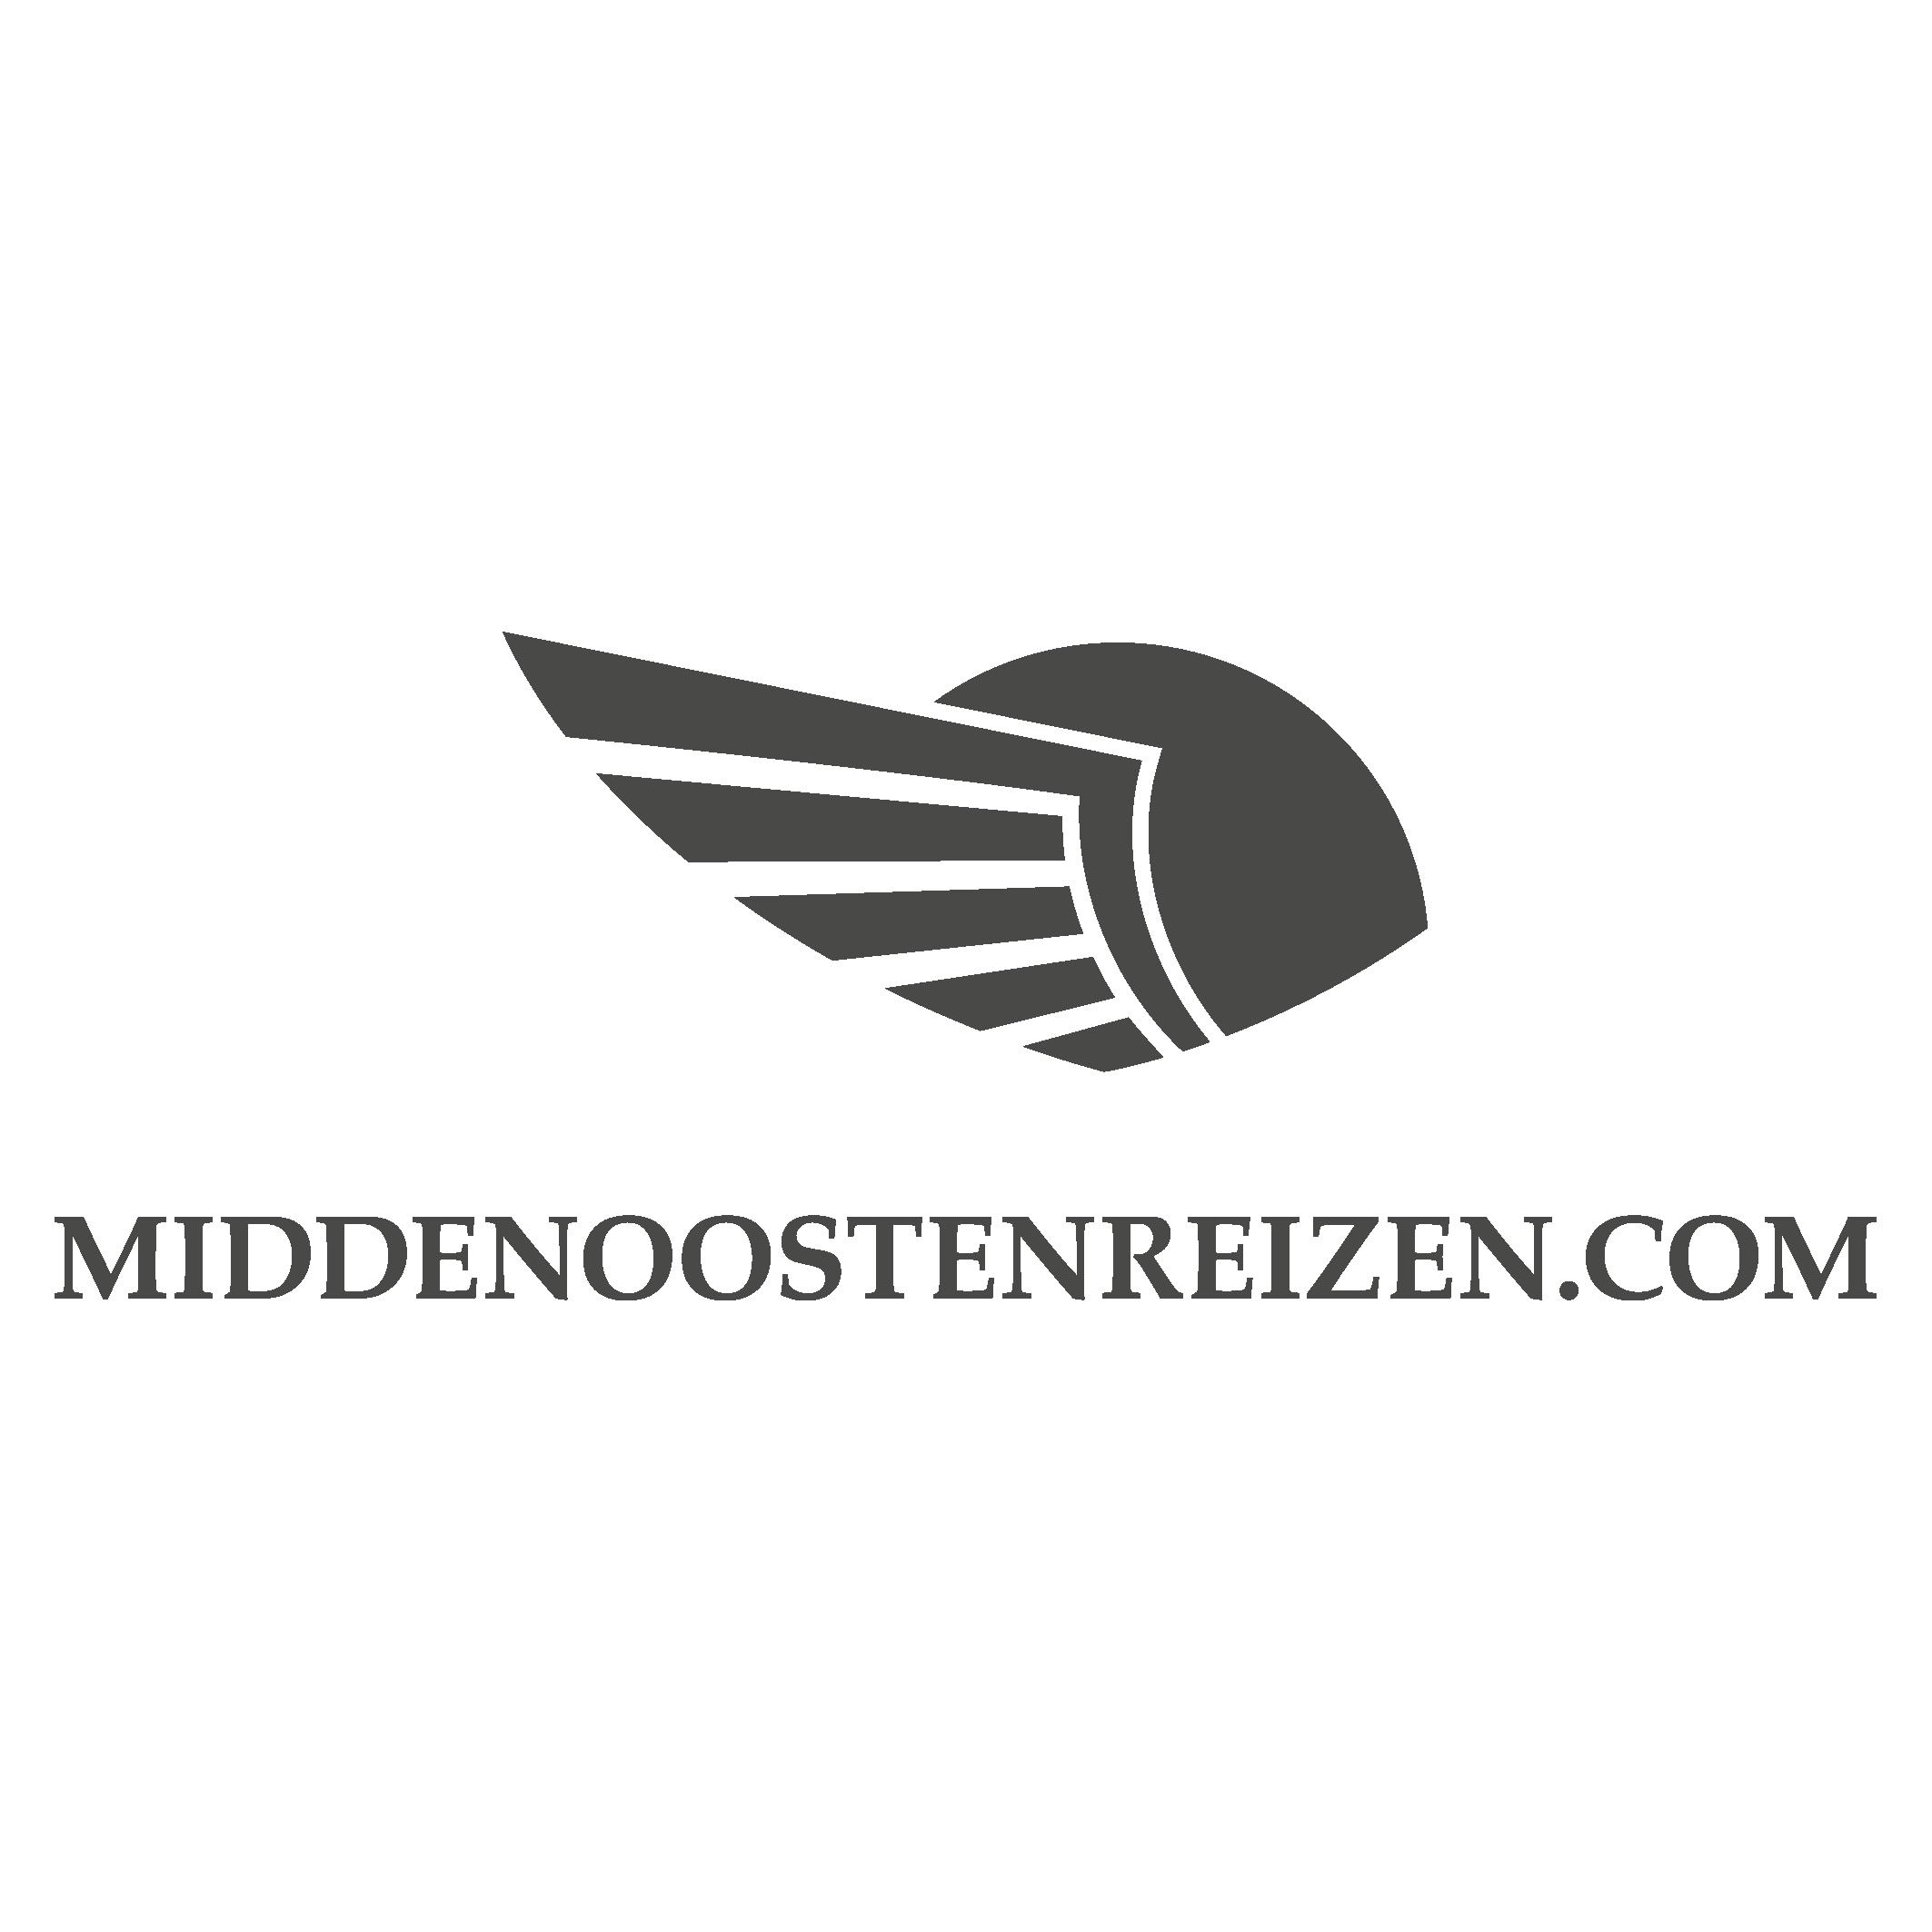 Middenoostenreizen.com